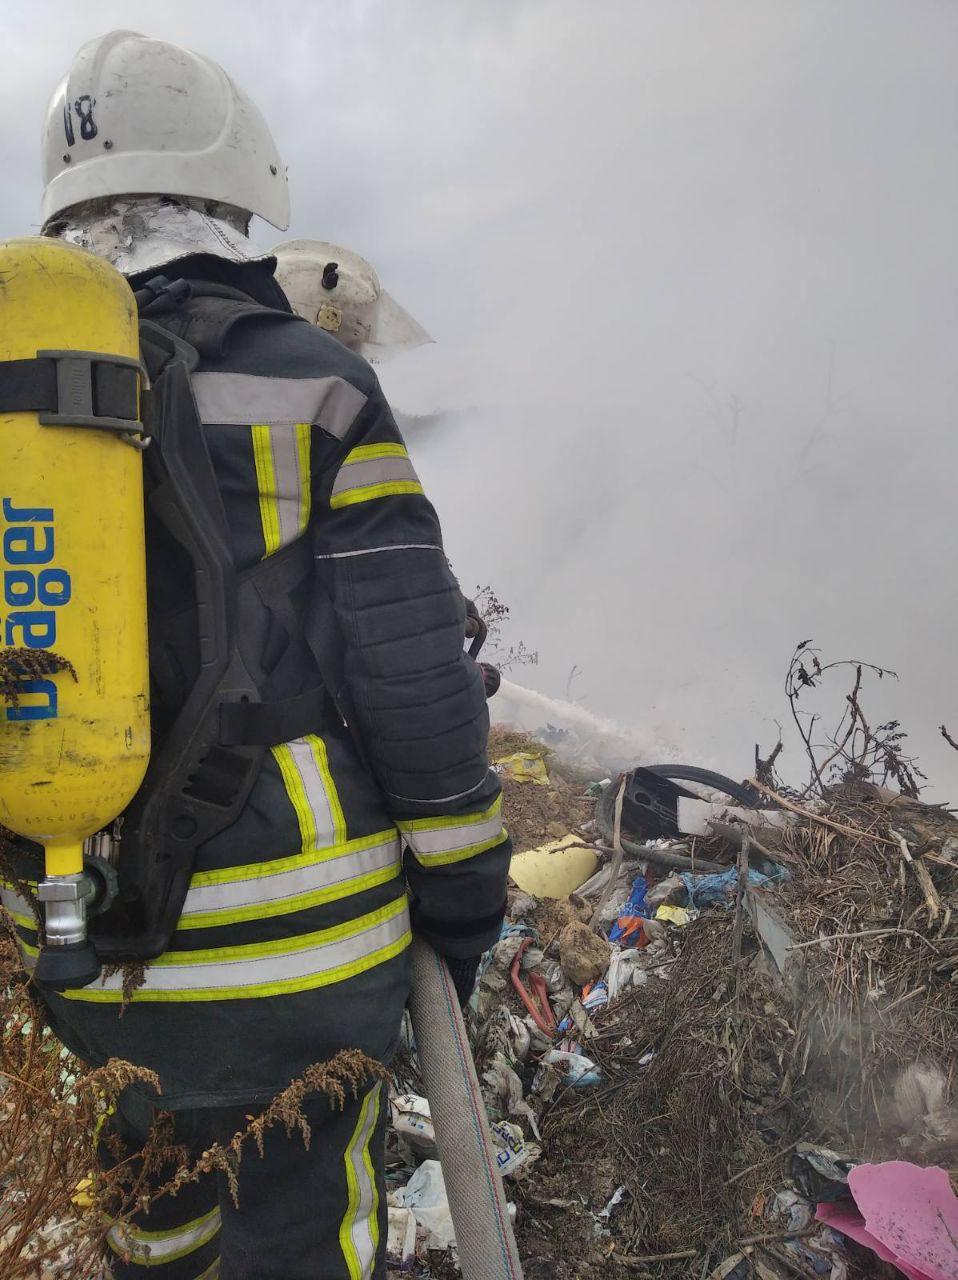 Без Купюр У Знам'янці другий день гасять пожежу на міському сміттєзвалищі. ФОТО Події  сміттєзвалище пожежа новини Кіровоградщина Знам'янка 2020 рік